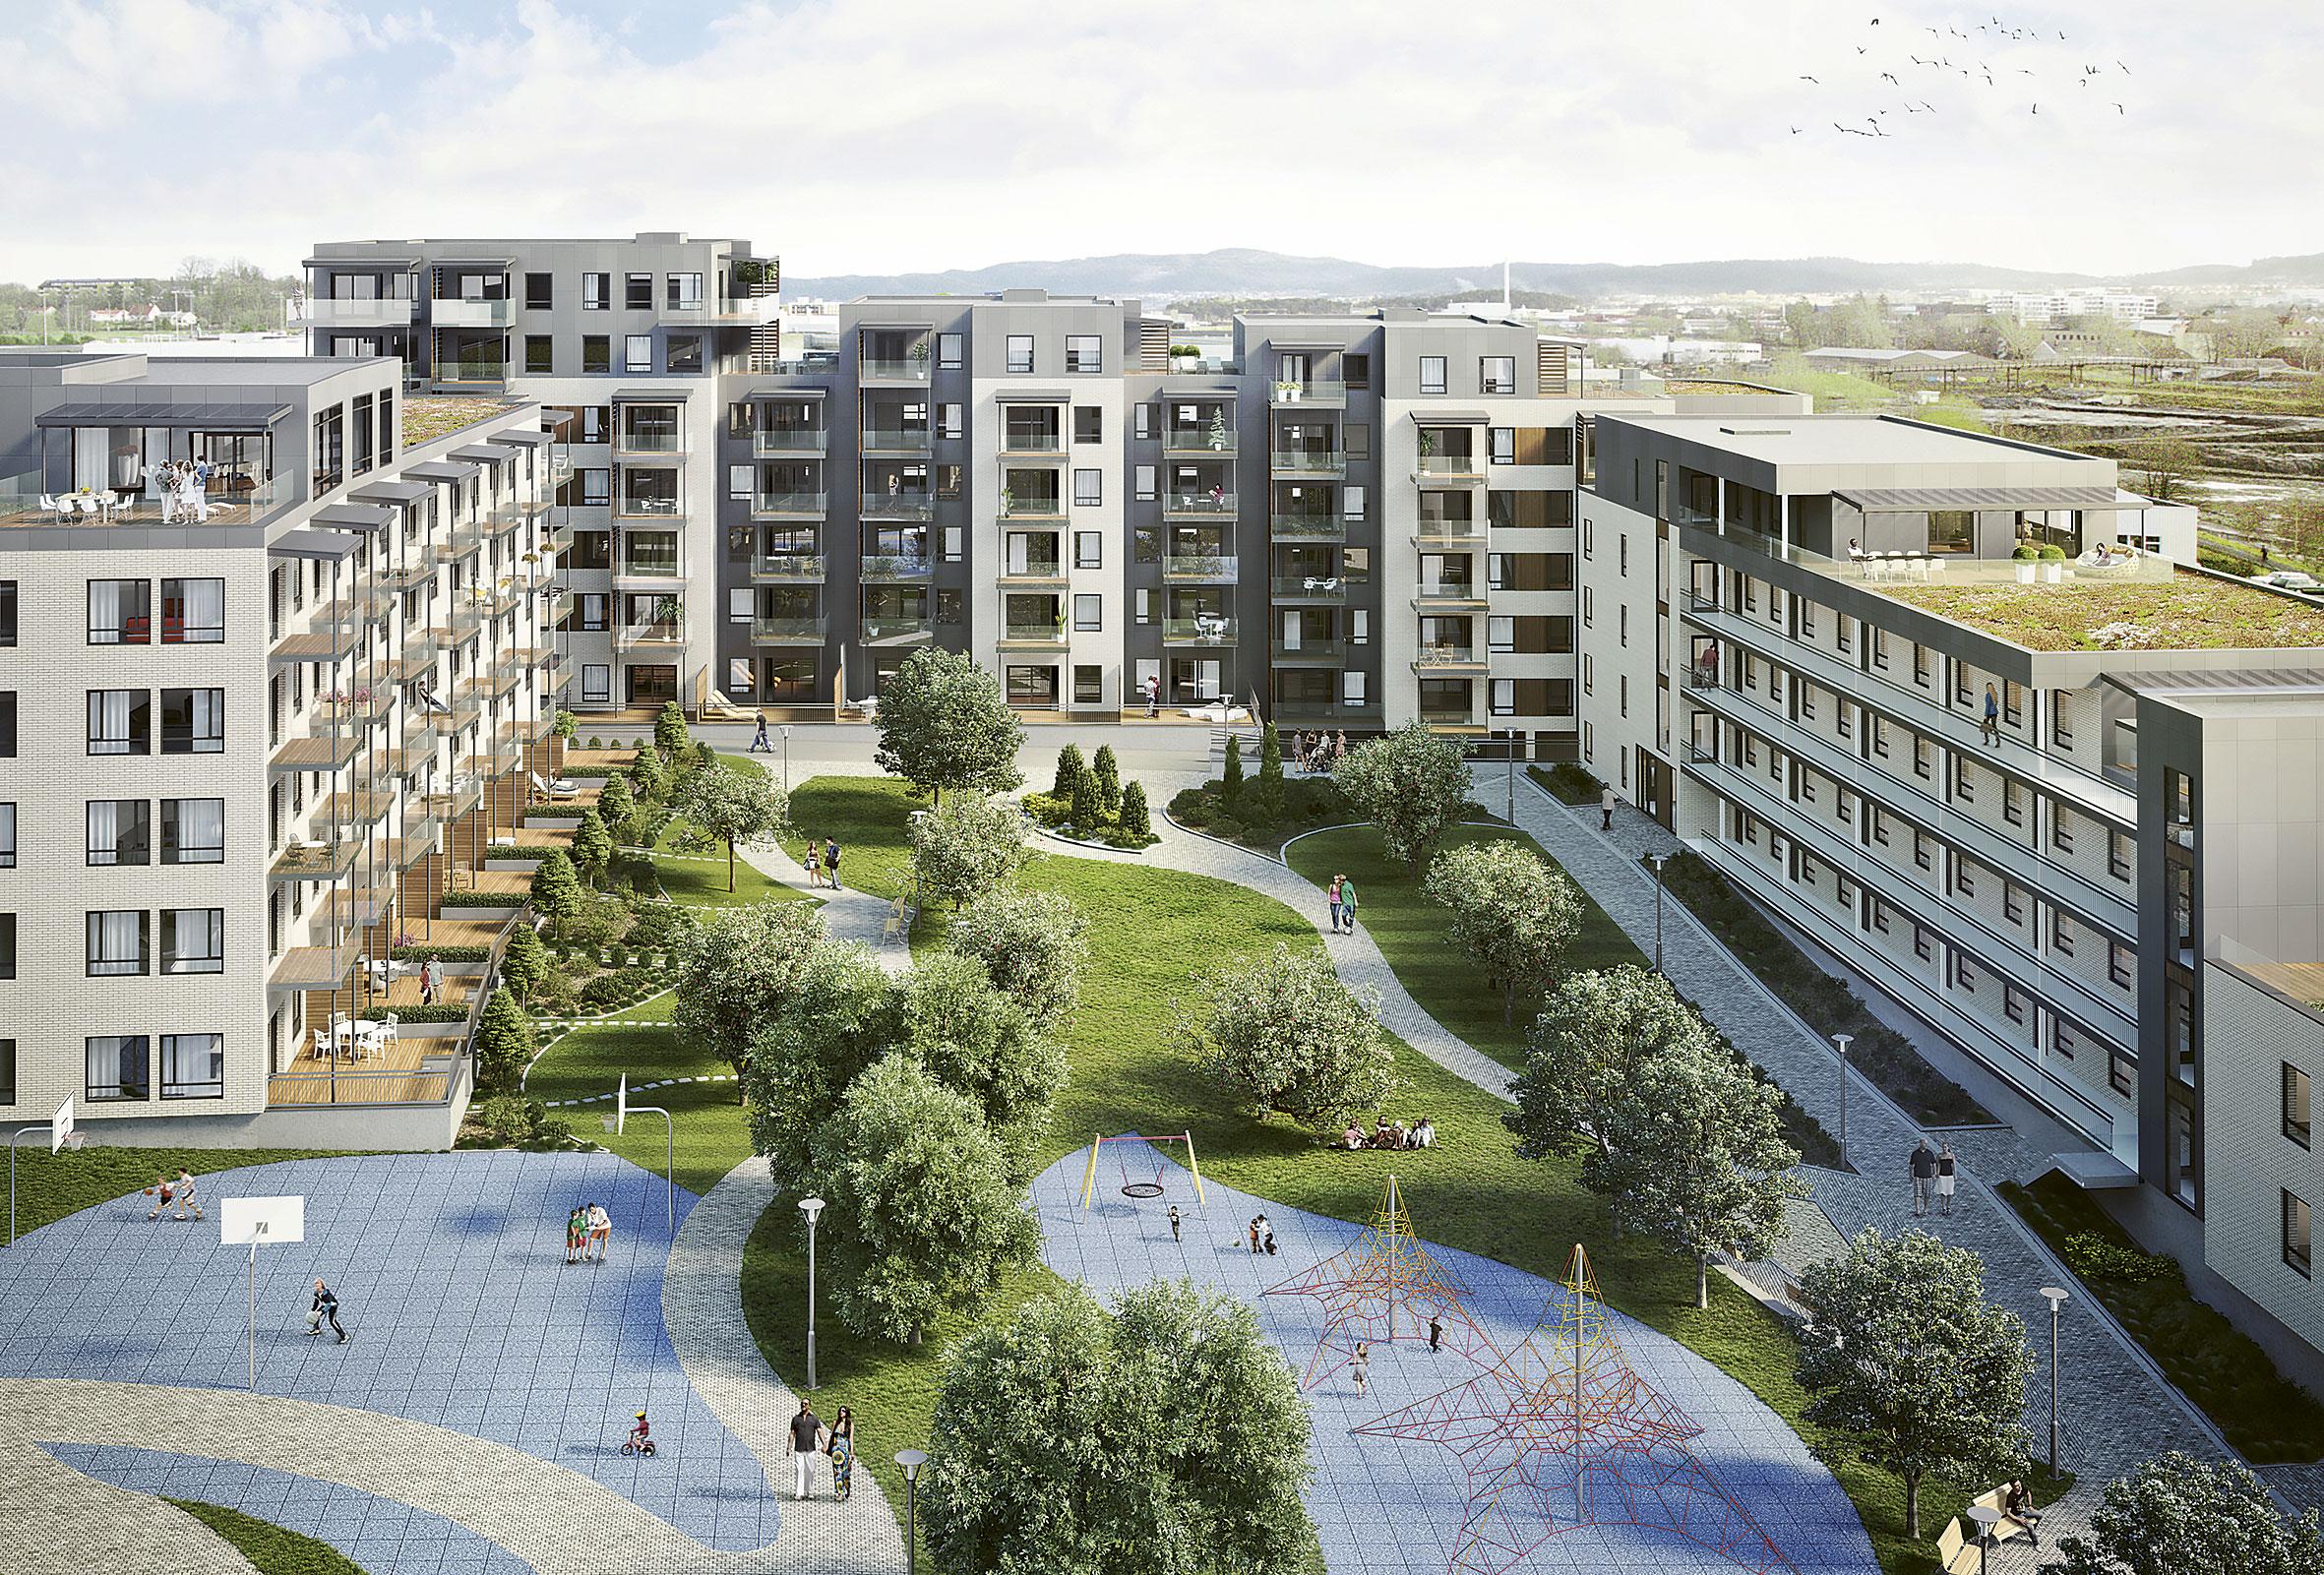 Ladebyhagen blir et helt nytt kvartal med 450 leiligheter på Lade i Trondheim. Foto: XR Visuell kommunikasjon (Ladebyhagen)